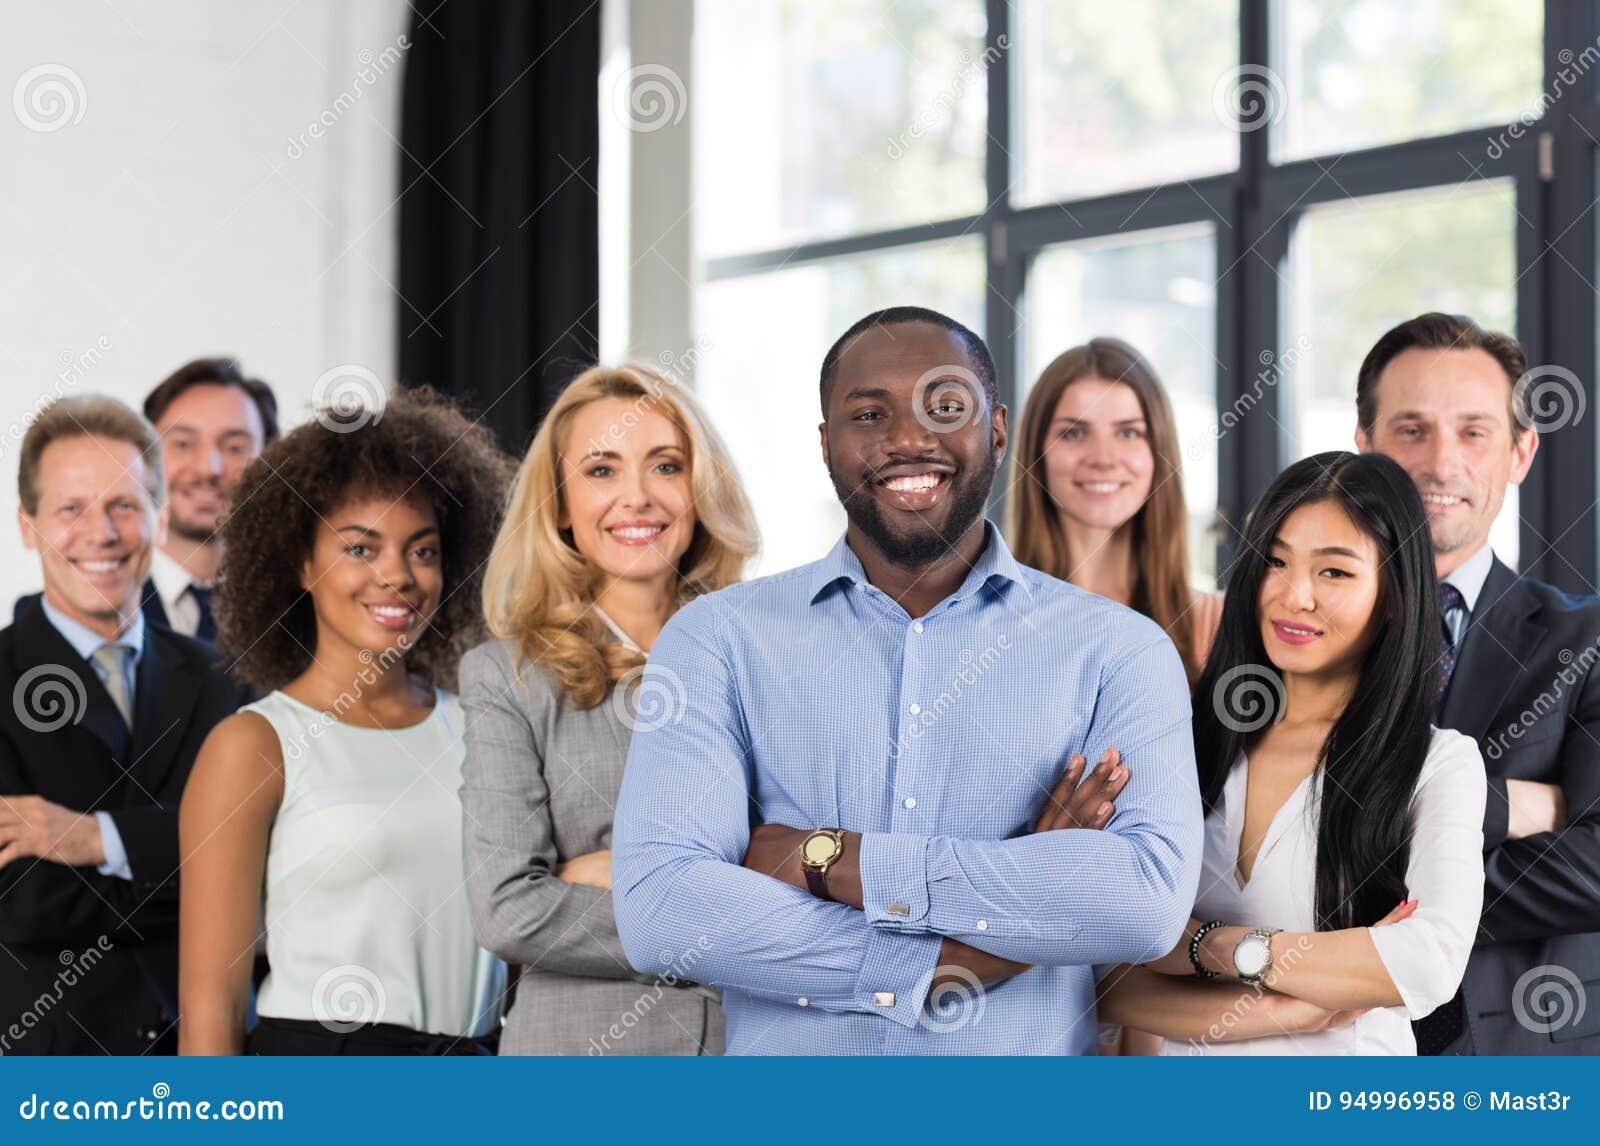 Афро-американский босс бизнесмена с группой в составе бизнесмены в творческом офисе, успешный водить человека гонки смешивания